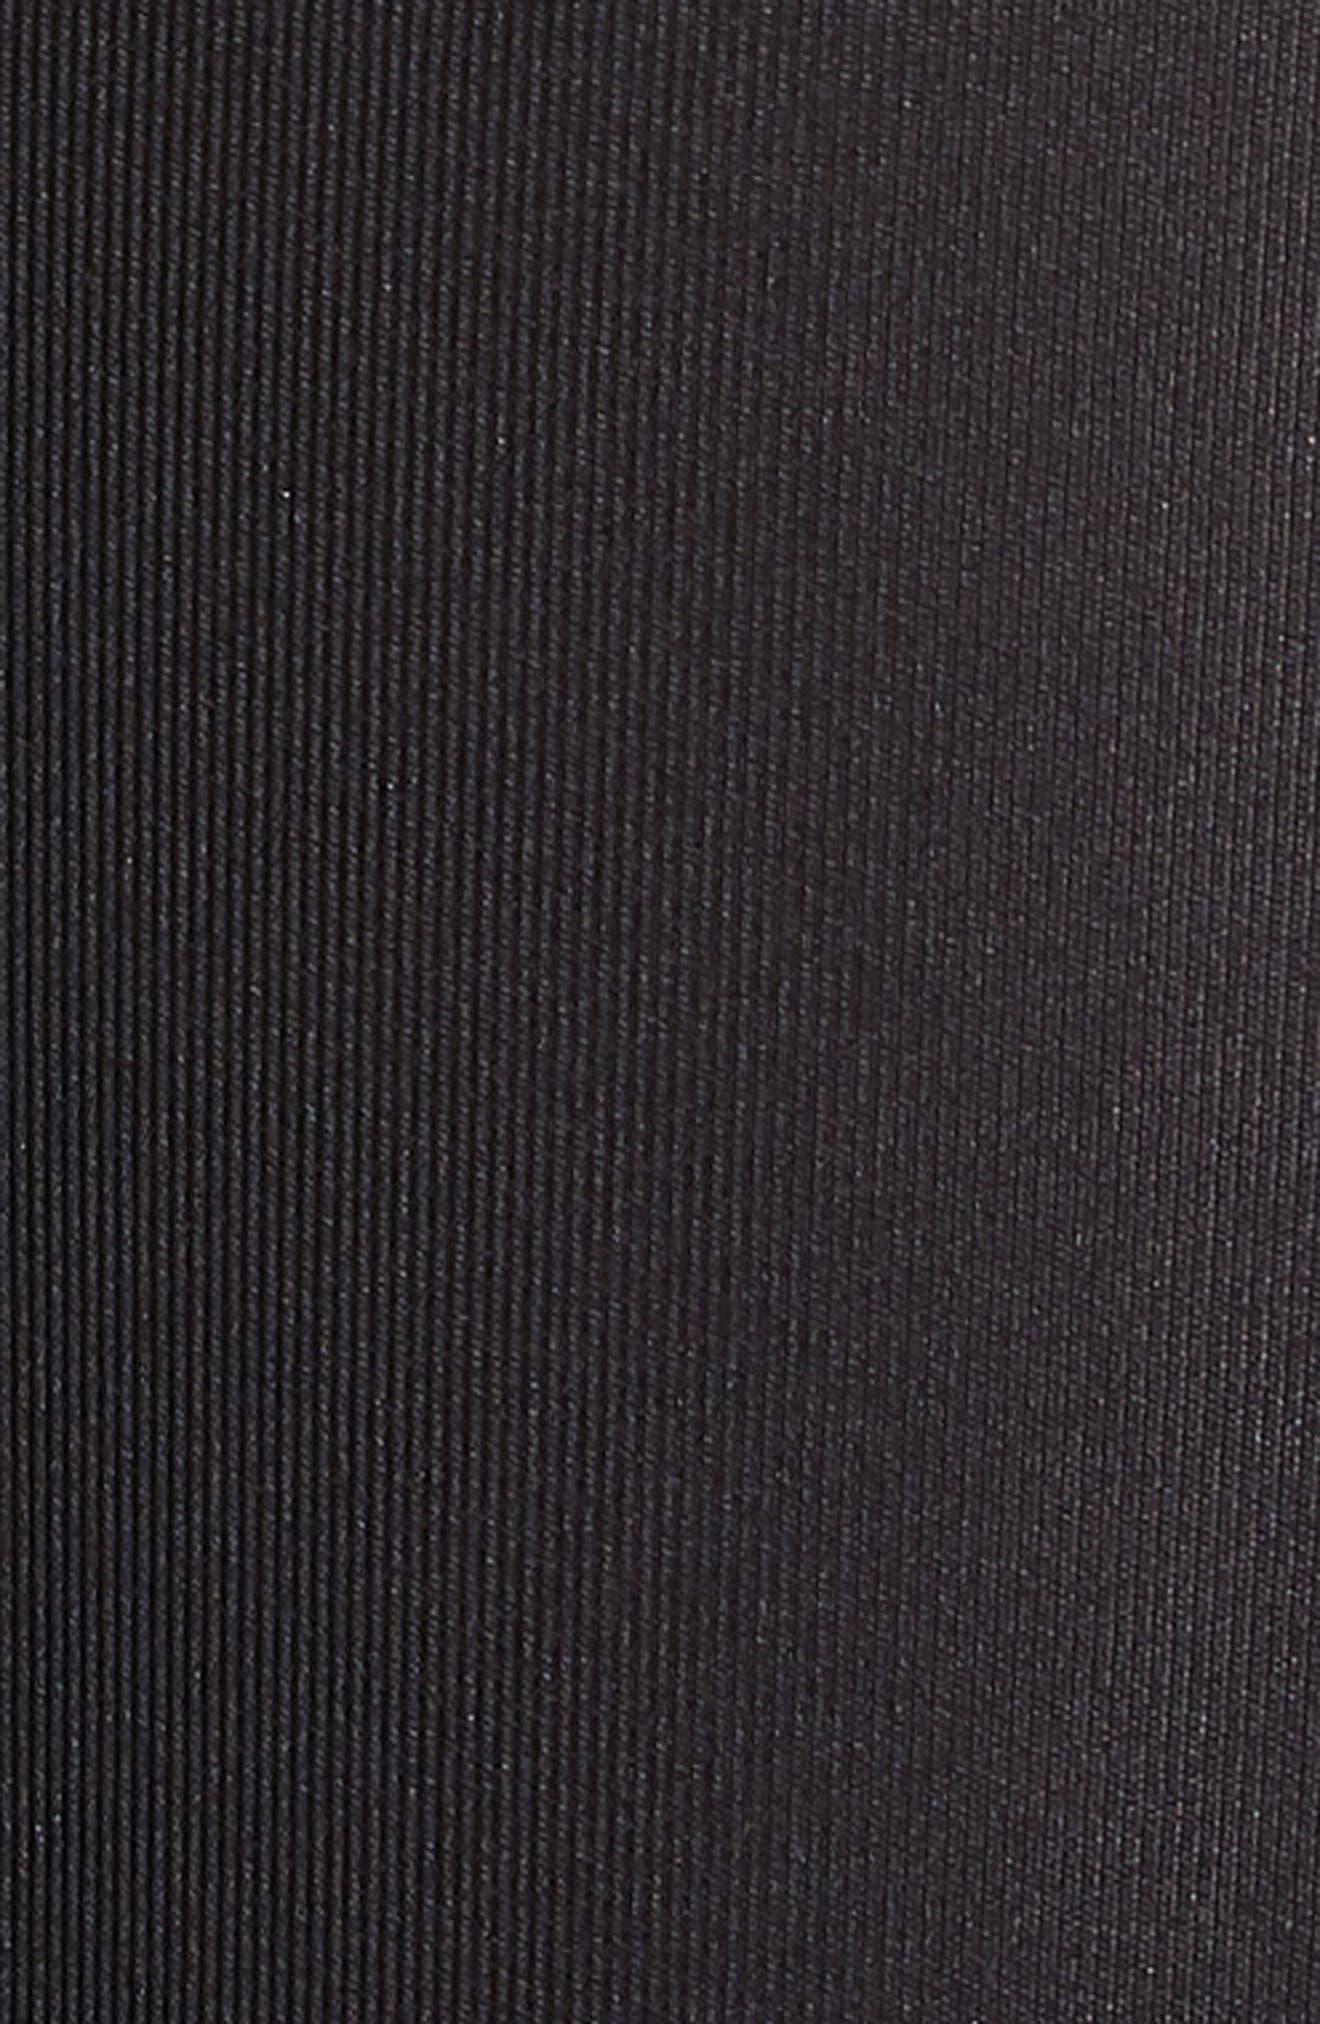 Pro Light Shorts,                             Alternate thumbnail 5, color,                             010